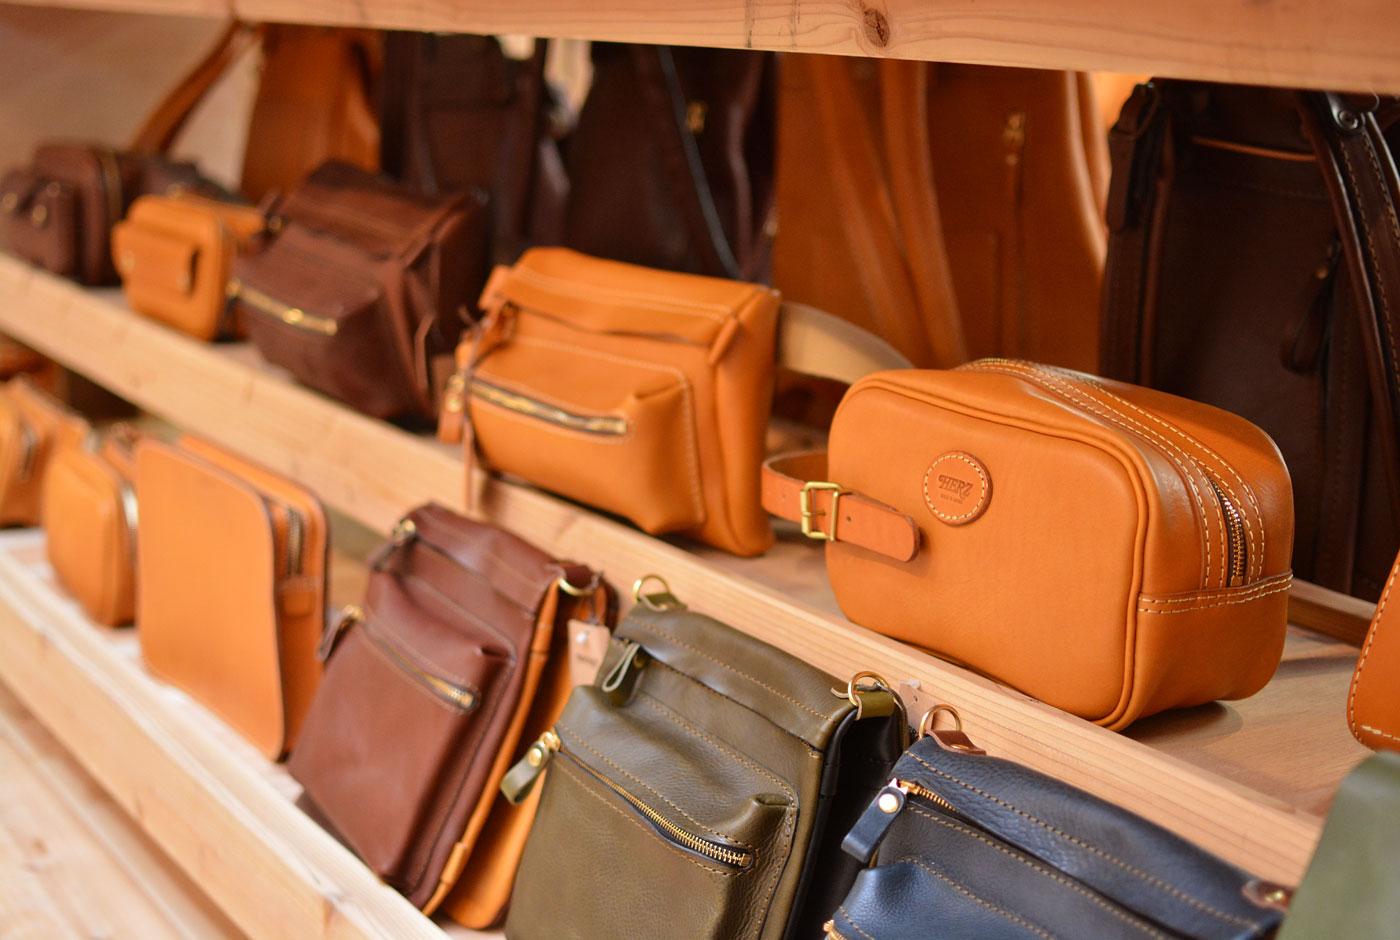 本店では、お父さんが休日に使えるセカンドバッグやショルダーバッグをピックアップ!!